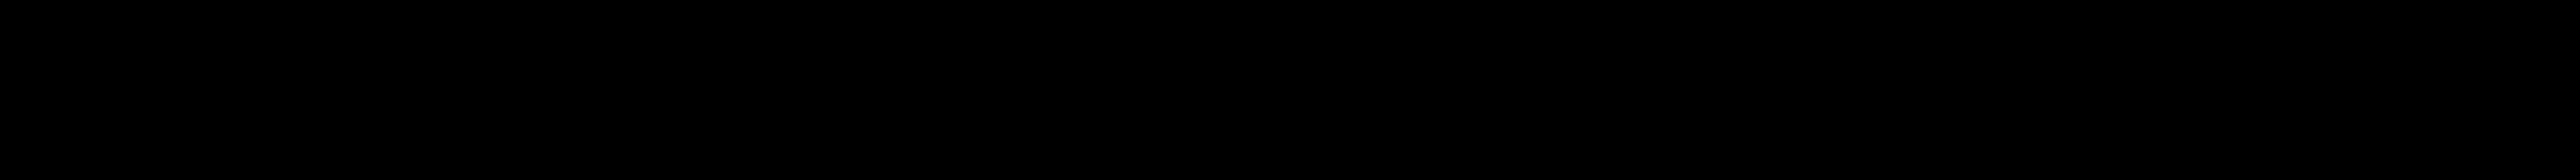 Register Serif BTN Short Caps Oblique